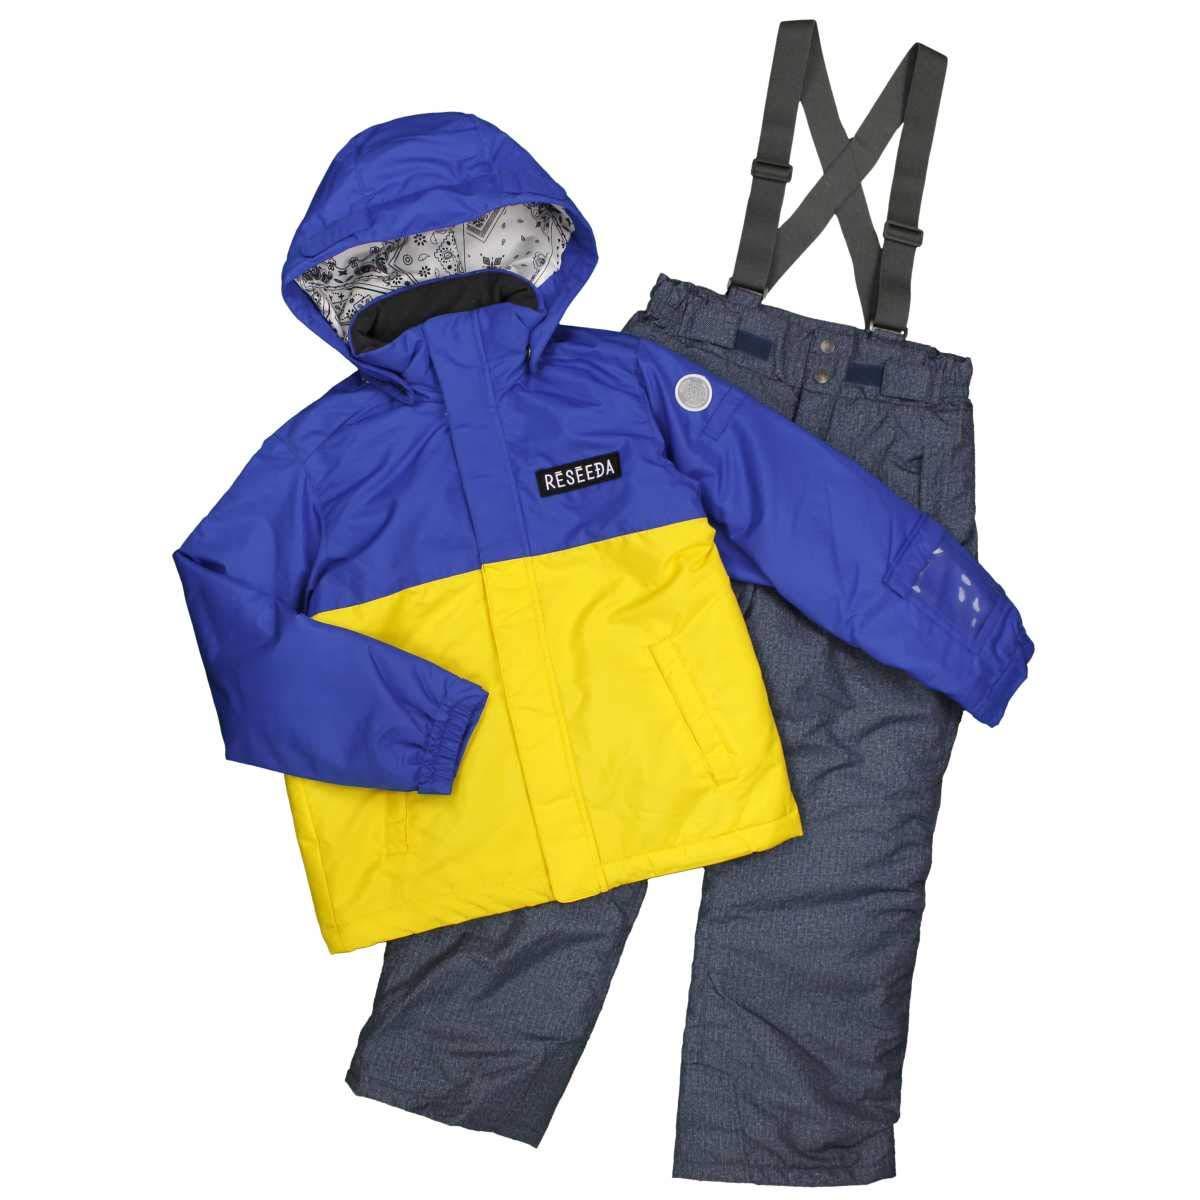 ピアニッシモ ボーイズジュニア スキーウェア 男の子 オンヨネ スキーウェア シンプル無地 バイカラー サイズ調整機能付 スキーウエア セット ブルー-インディゴ 130cm 140cm 150cm 160cm